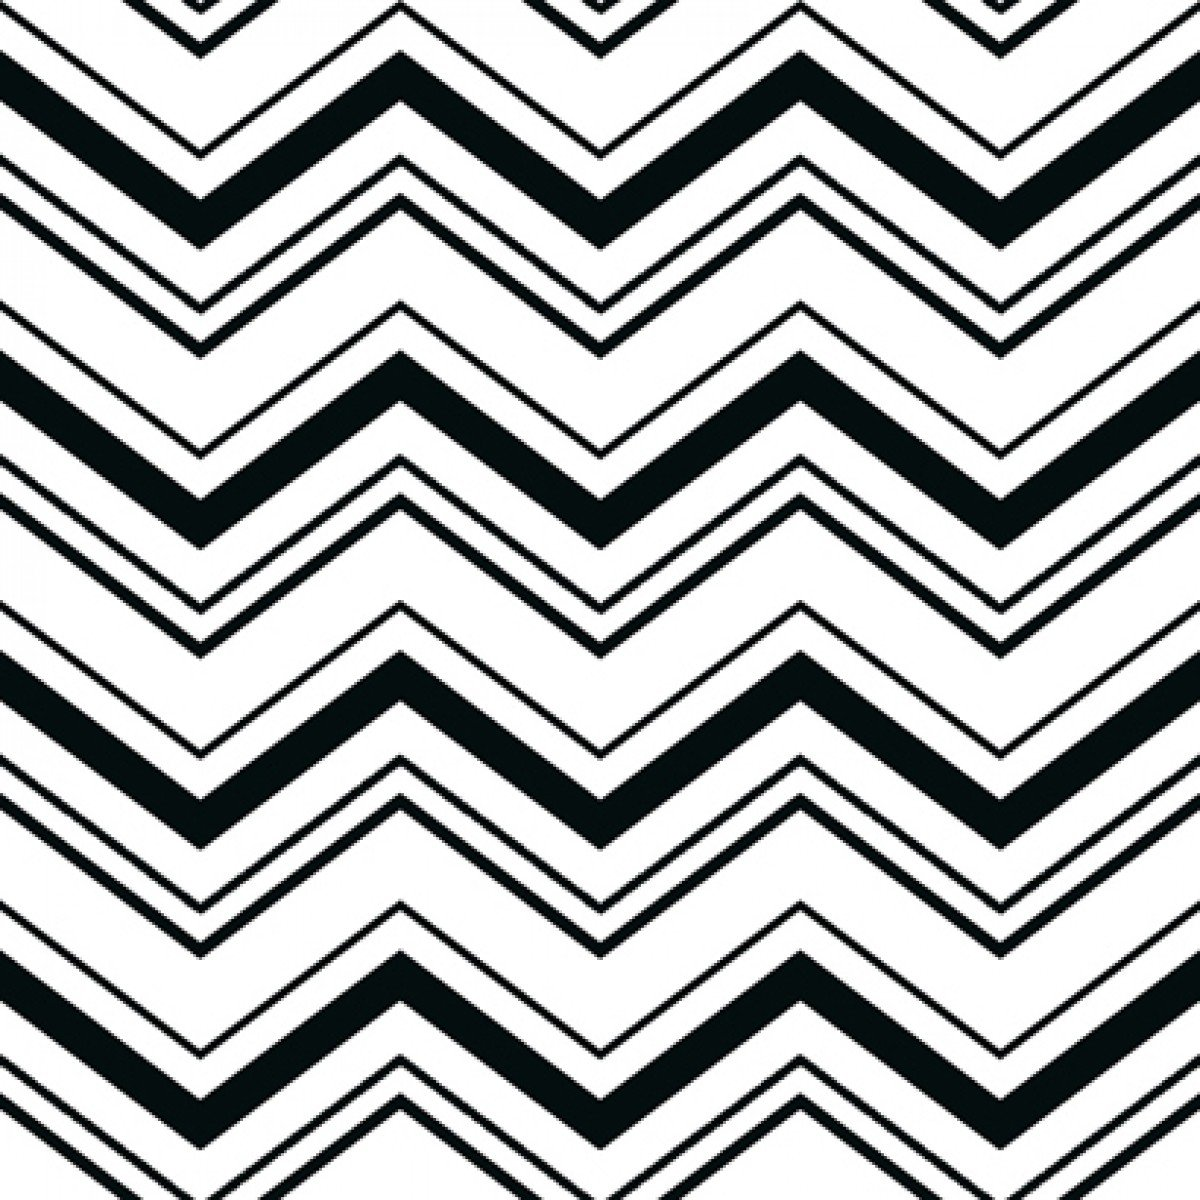 Amazoncom Mugod Door Mat Black and White Chevron Pattern Doormat Rug IndoorOutdoorFront DoorBathroom Mats Floor Mat 236inch X 157inch Garden amp Outdoor